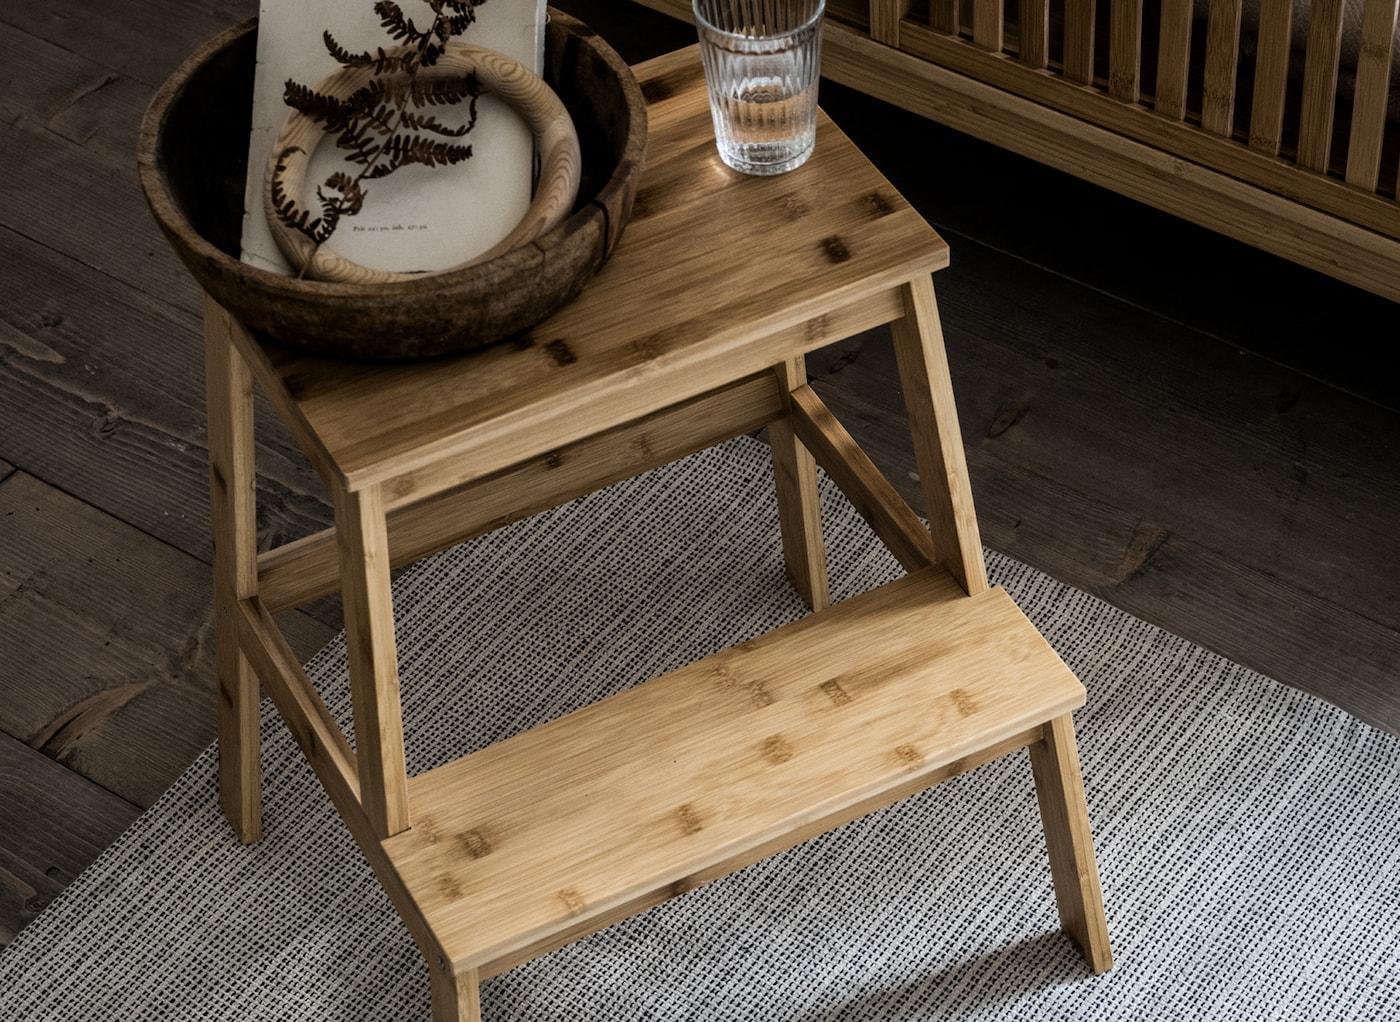 대나무로 만든 TENHULT 텐훌트 스텝스툴 상단에 대나무 그릇과 투명 유리컵이 놓여 있습니다.